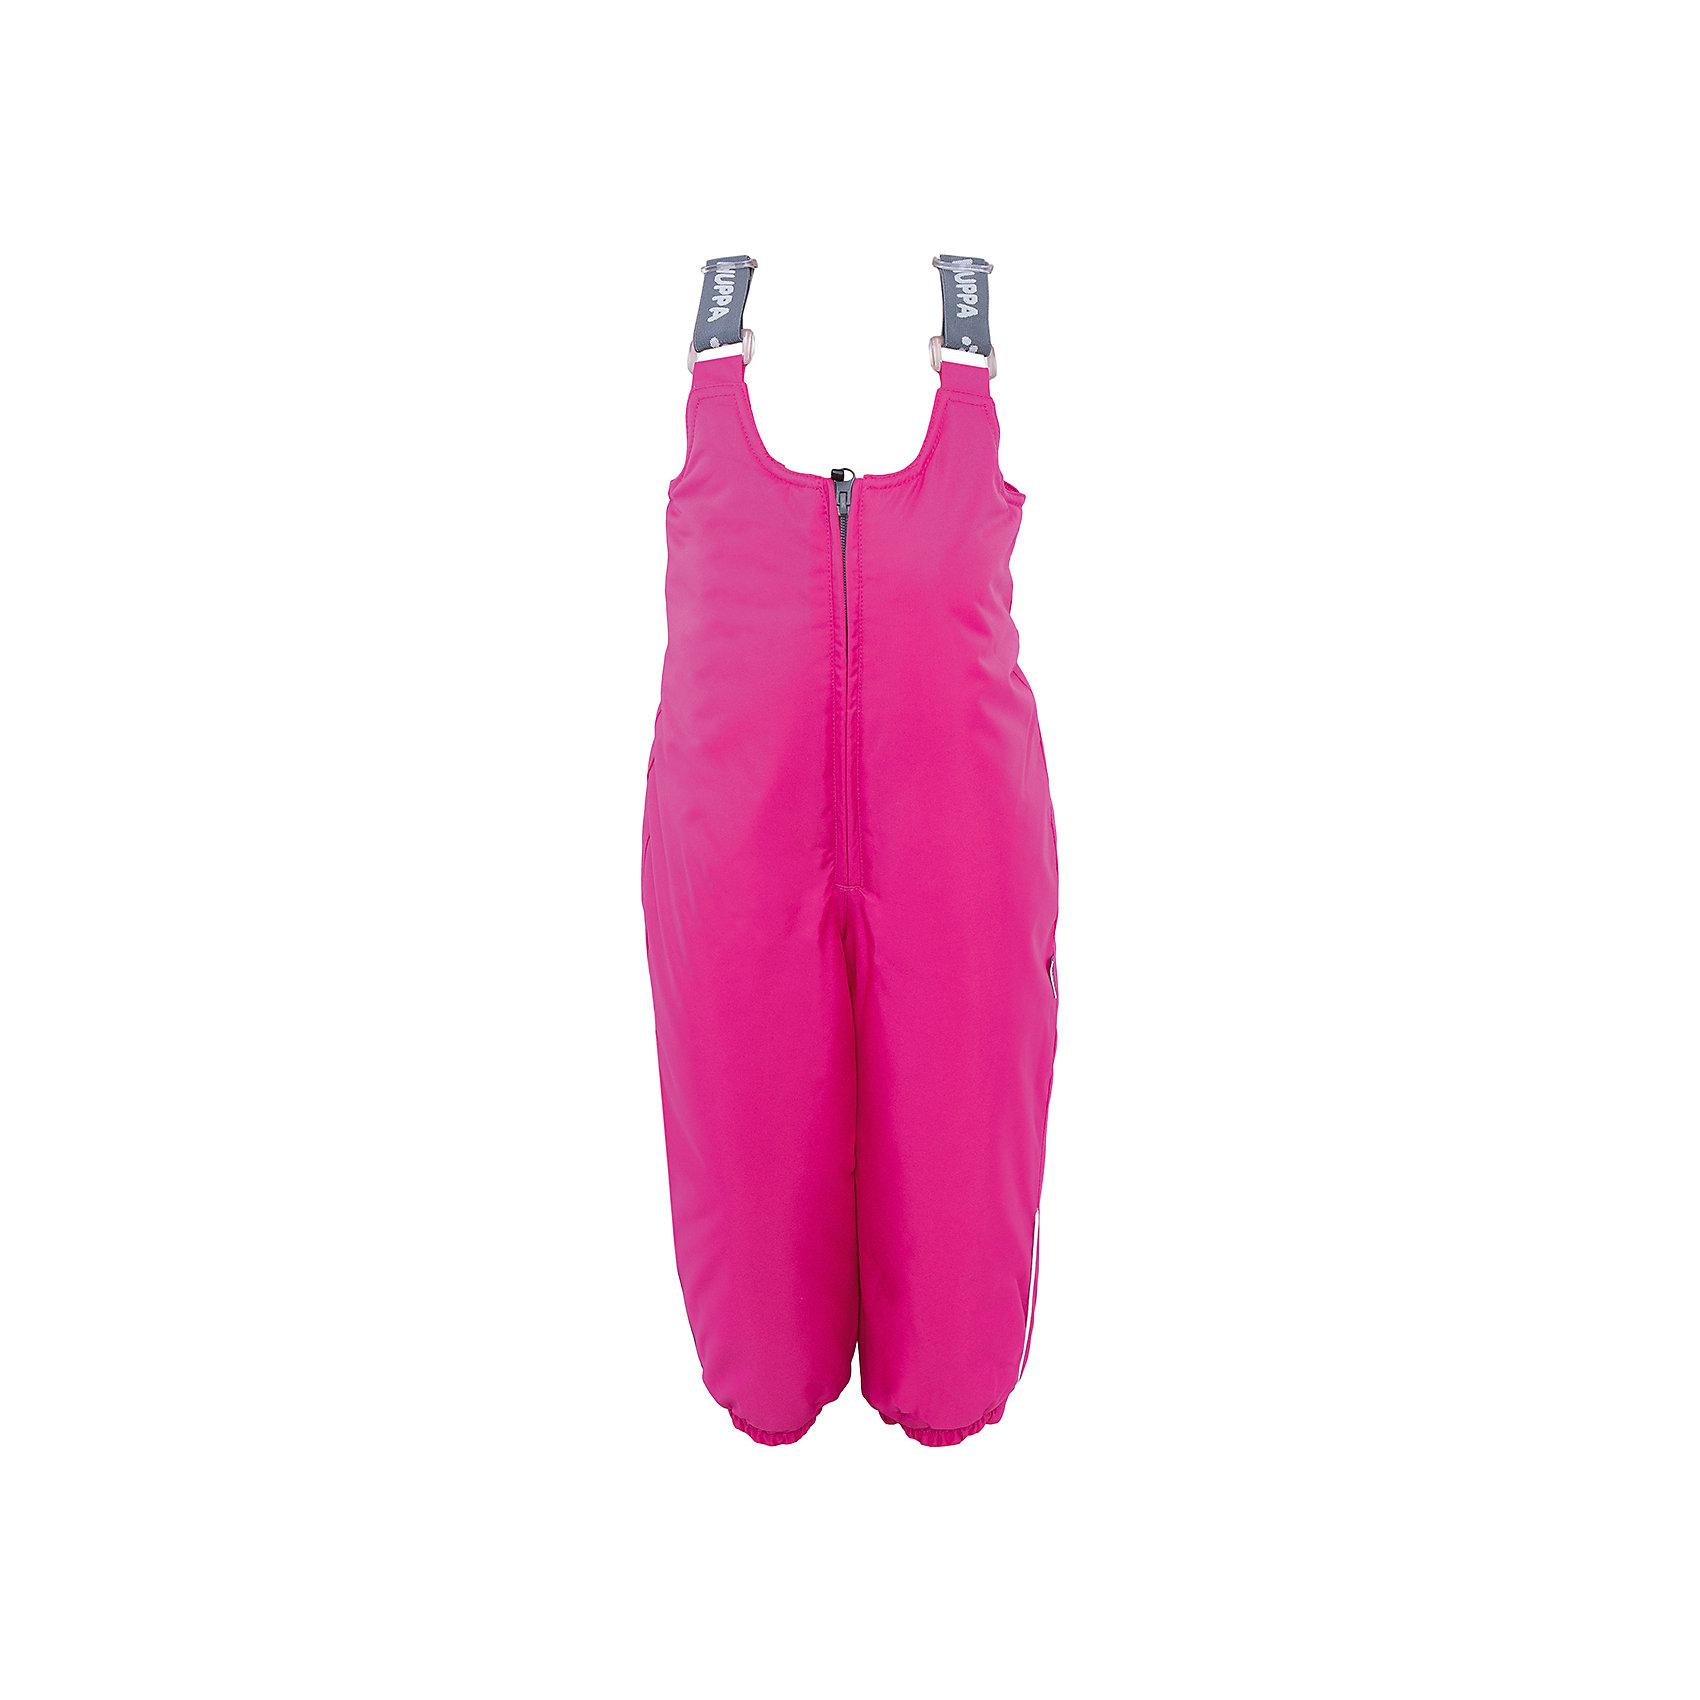 Брюки    HuppaВерхняя одежда<br>Зимние брюки SONNY Huppa(Хуппа).<br><br>Утеплитель: 100% полиэстер, 160 гр.<br><br>Температурный режим: до -20 градусов. Степень утепления – средняя. <br><br>* Температурный режим указан приблизительно — необходимо, прежде всего, ориентироваться на ощущения ребенка. Температурный режим работает в случае соблюдения правила многослойности – использования флисовой поддевы и термобелья.<br><br>Изготовлены из качественных долговечных материалов. Они прекрасно подойдут для прогулок зимой и активного отдыха.<br><br>Особенности:<br>-дышащая водоотталкивающая мембрана, которая не допустит попадание воды и ветра под одежду и выведет лишнюю влагу<br>-утеплитель HuppaTherm неприхотлив в уходе. Быстро восстанавливает объем<br>-фланелевая подкладка из натурального хлопка, приятного телу<br>-проклеенные водостойкой лентой швы<br>-регулируемые подтяжки<br>-резинка на манжетах и поясе<br>-светоотражающие элементы <br><br>Дополнительная информация:<br>Материал: 100% полиэстер<br>Подкладка: фланель - 100% хлопок <br>Цвет: фуксия<br><br>Вы можете приобрести брюки SONNY Huppa(Хуппа) в нашем интернет-магазине.<br><br>Ширина мм: 215<br>Глубина мм: 88<br>Высота мм: 191<br>Вес г: 336<br>Цвет: розовый<br>Возраст от месяцев: 24<br>Возраст до месяцев: 36<br>Пол: Женский<br>Возраст: Детский<br>Размер: 80,86,92,98,104<br>SKU: 4928456